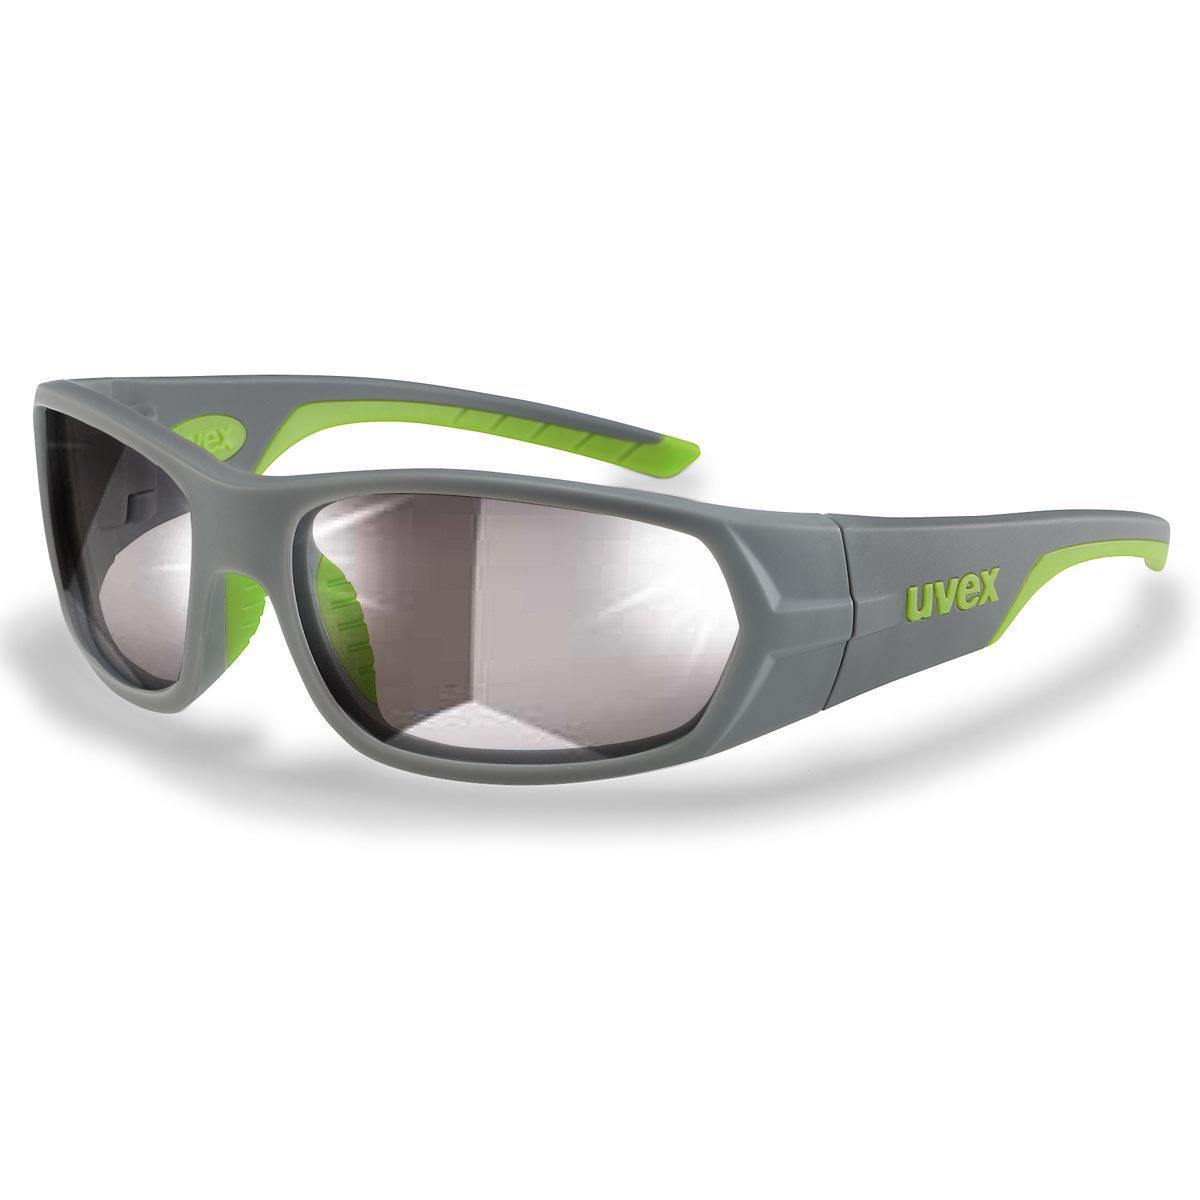 Uvex Korrektionsschutzbrille RX sp 5513 - Selbsttönend